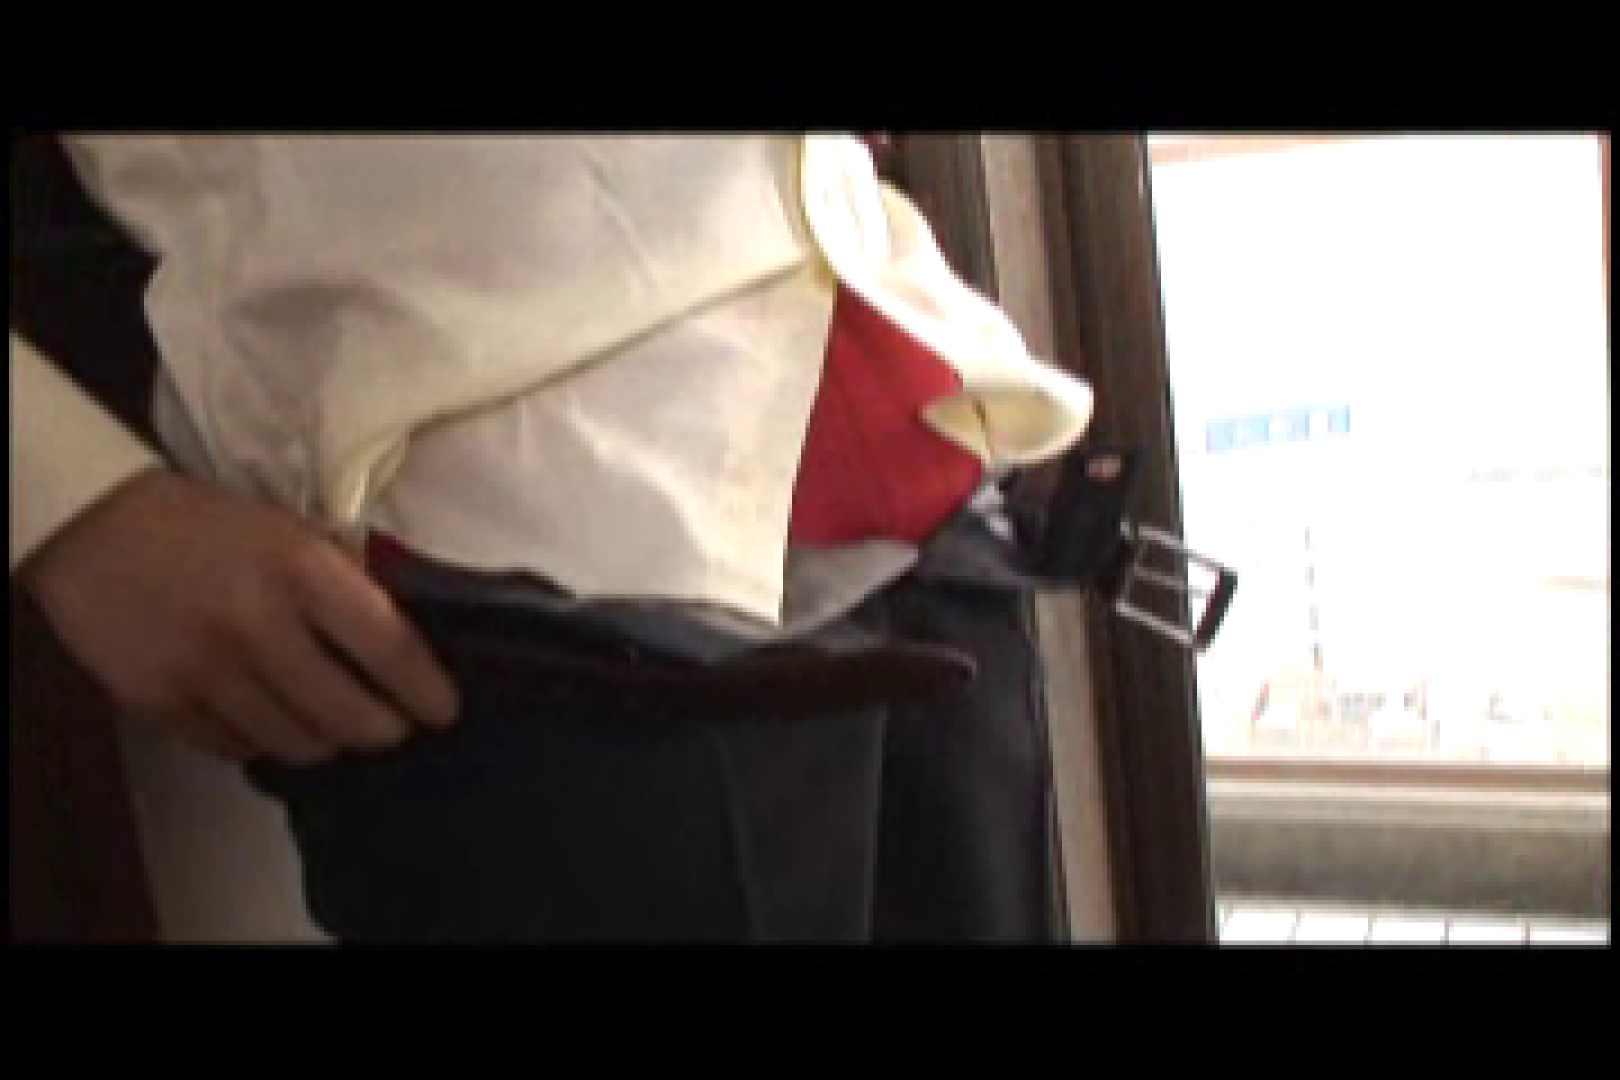 美男子コレクションvol4 風呂天国 ゲイアダルトビデオ画像 88枚 39